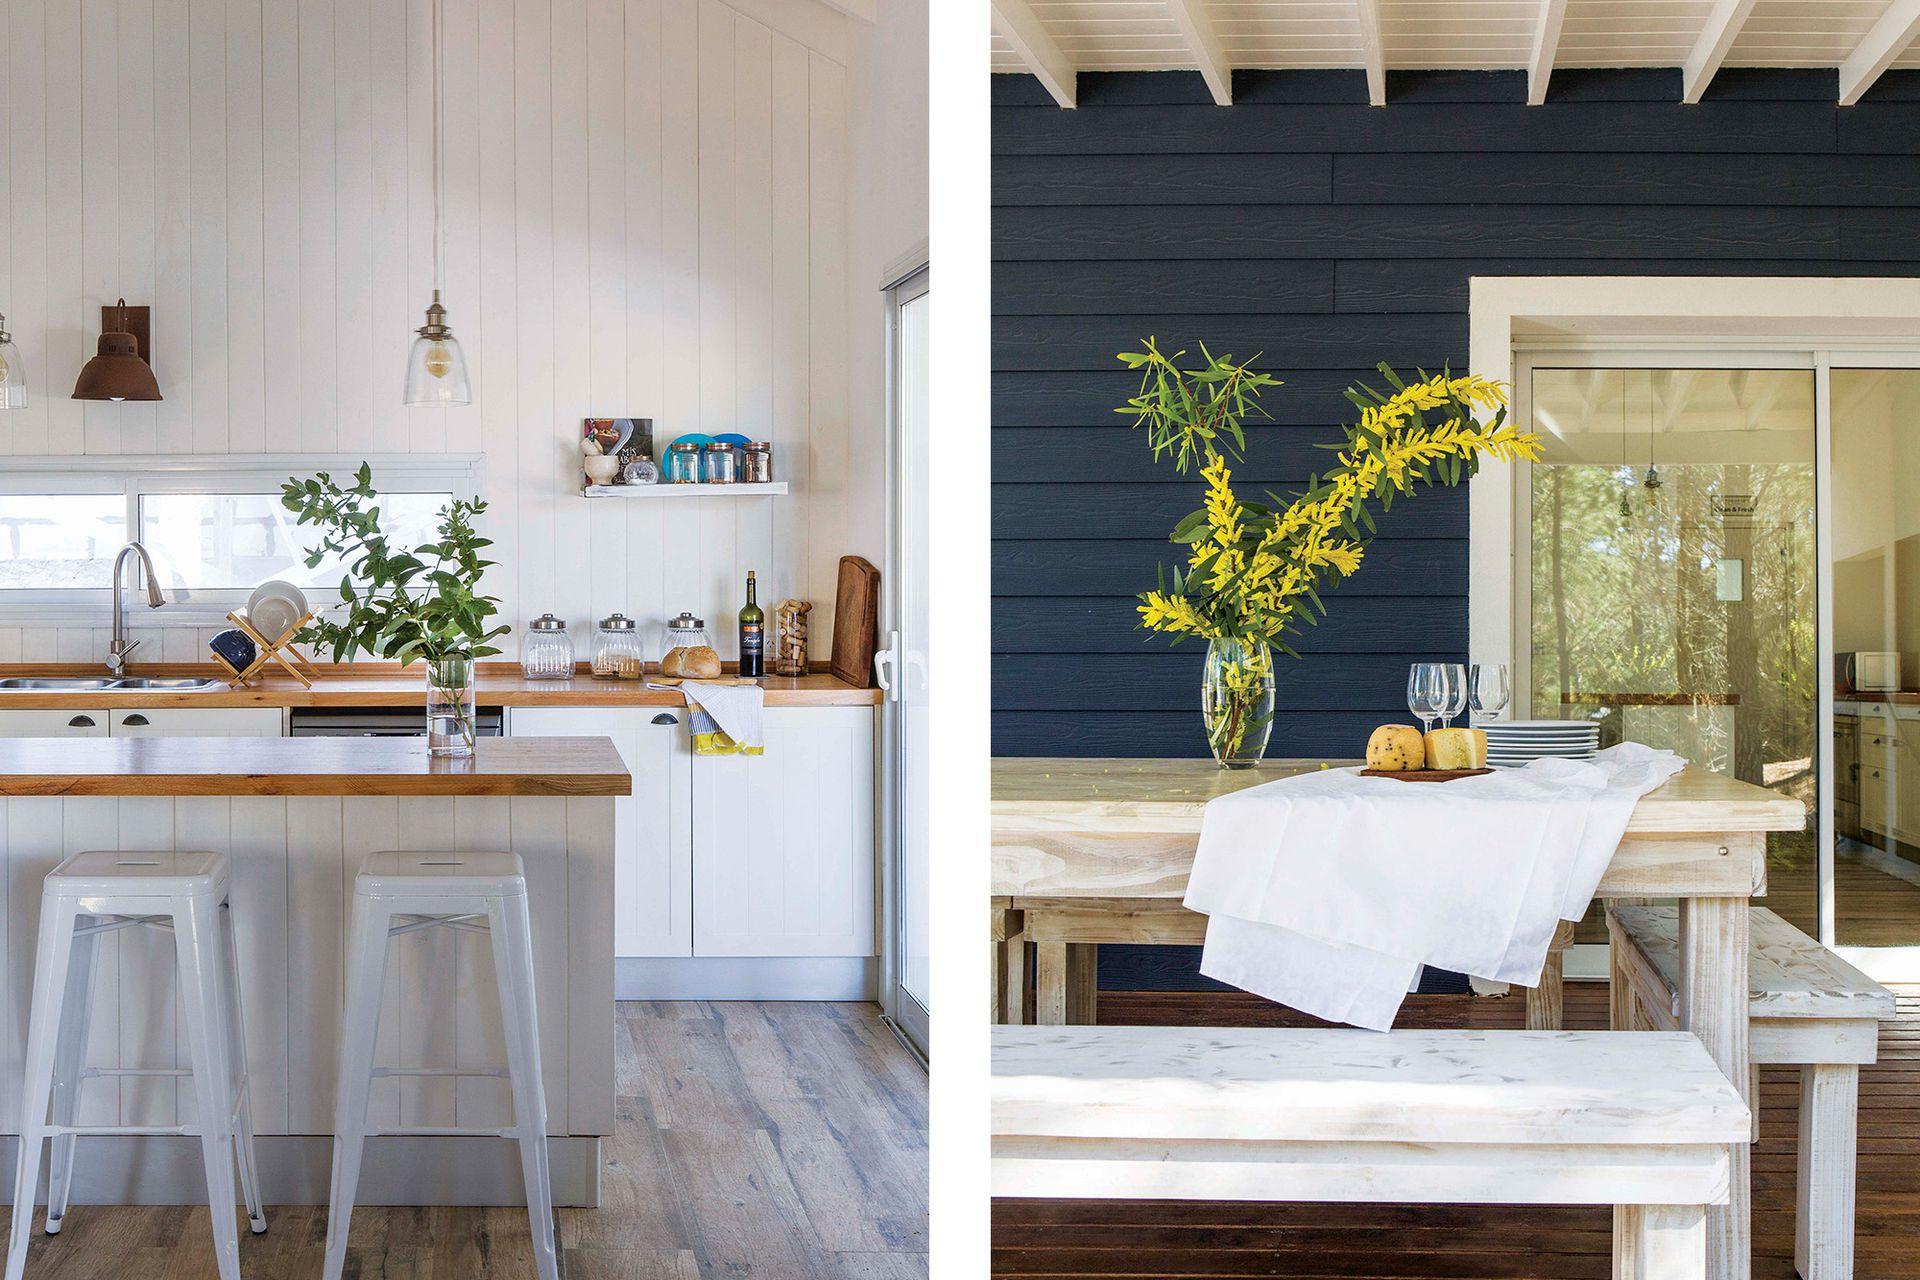 Nada de complicaciones en esta cocina que se vincula con el sector de la parrilla a través de un ventanal corredizo.